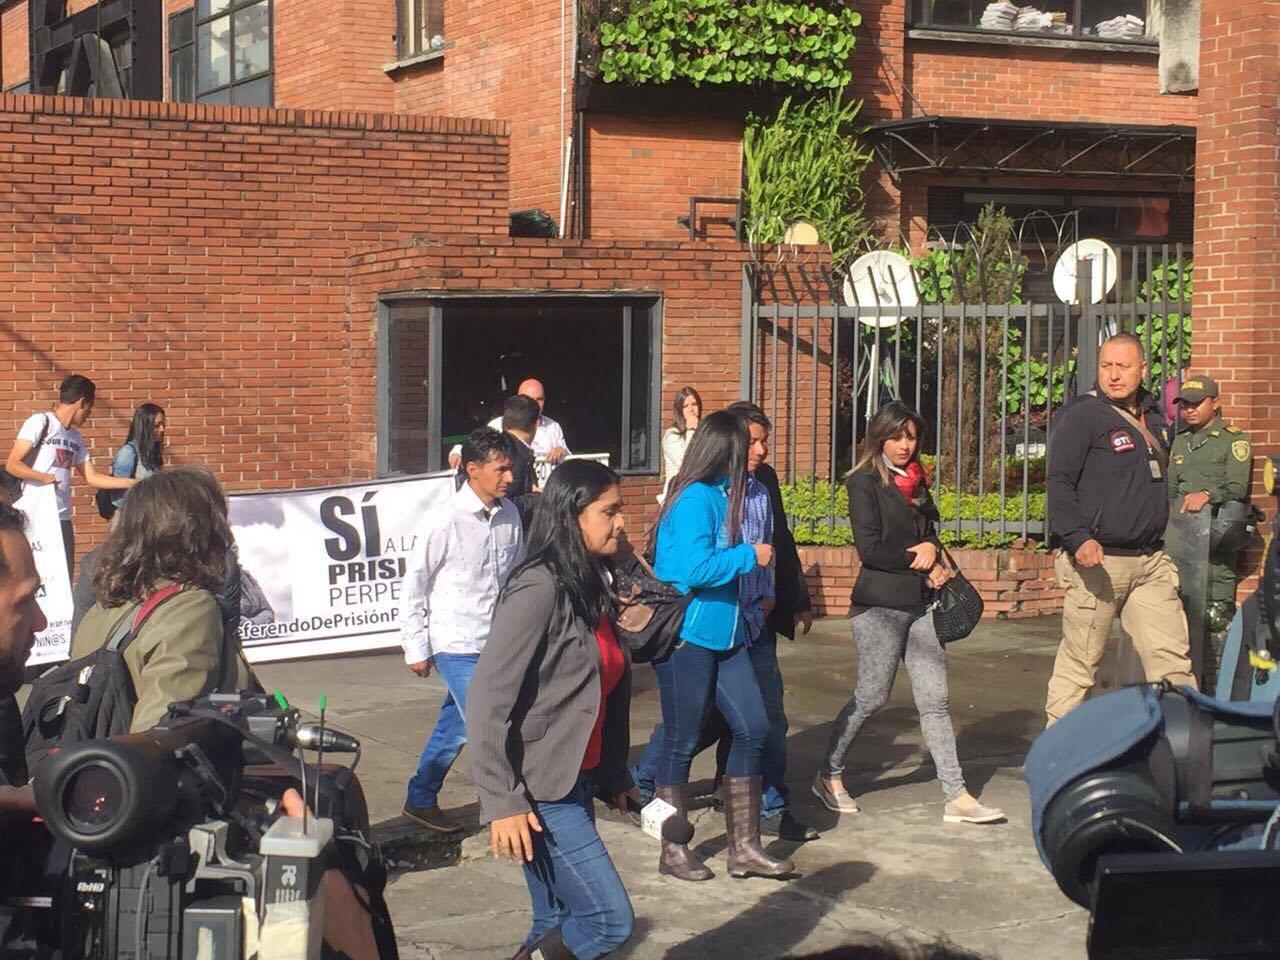 En paloquemao y redes sociales piden condena ejemplar por for Juzgados de paloquemao